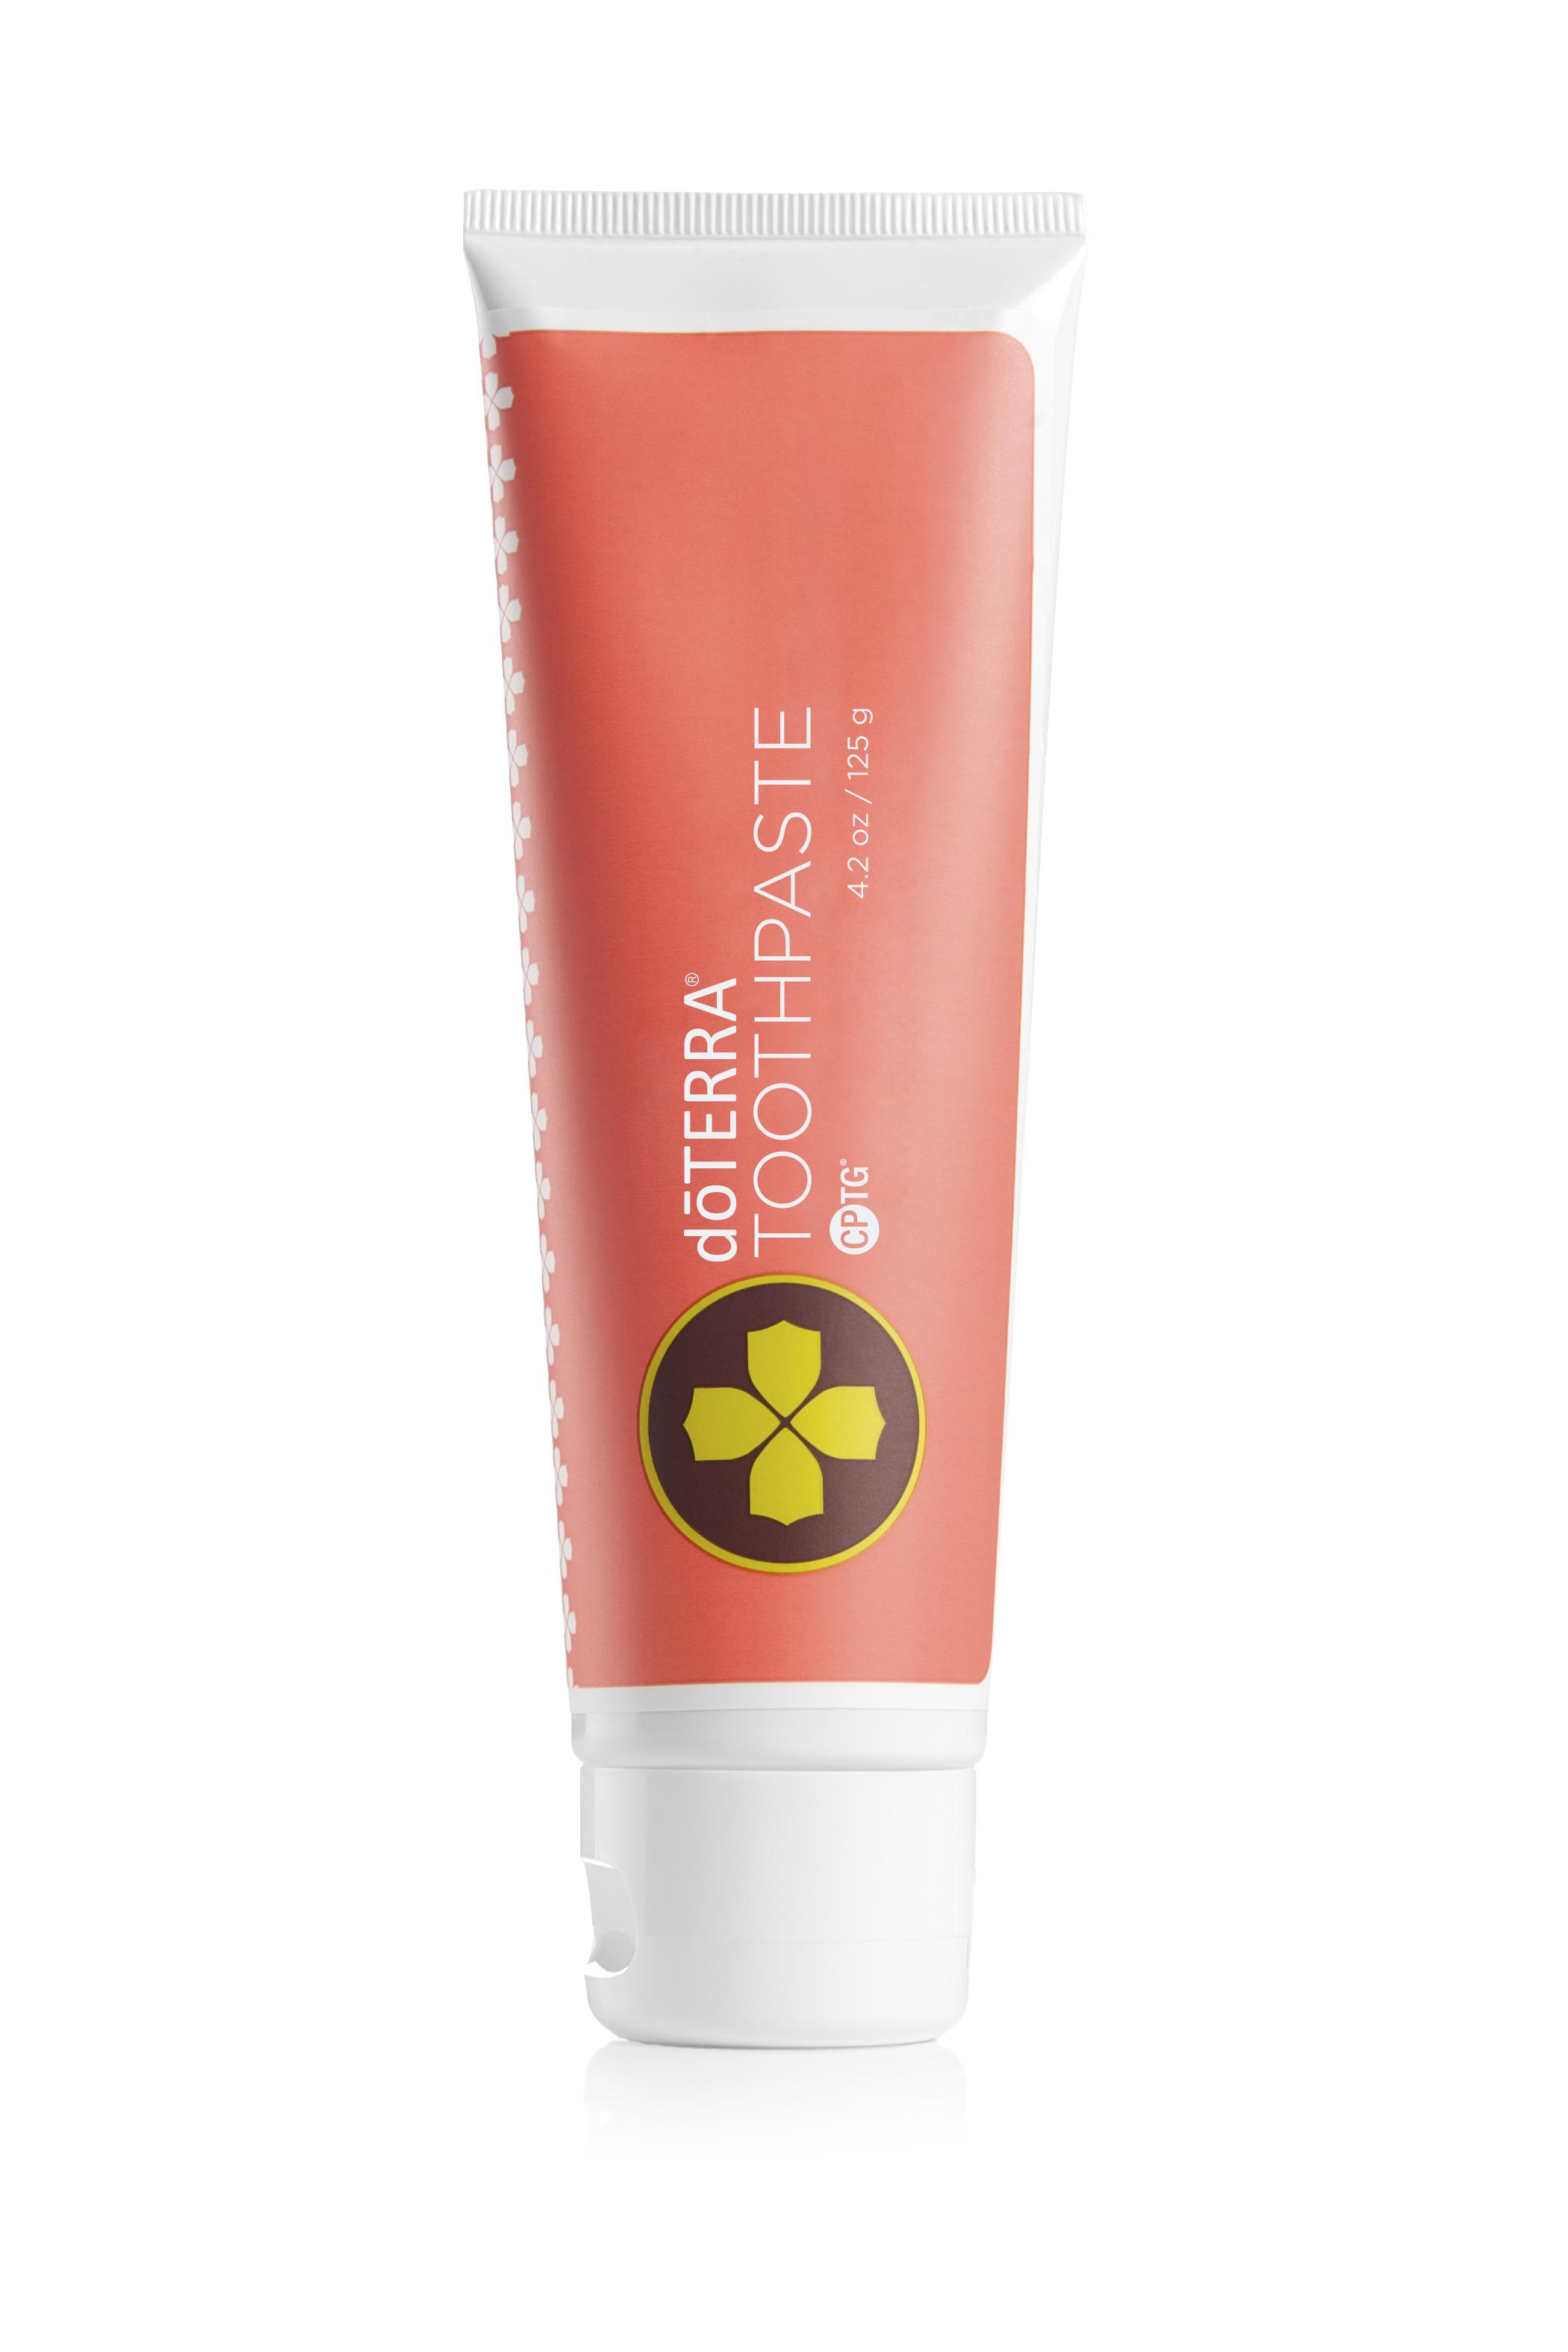 doterra-toothpaste-natural-health-essentialoils-camp-camping-breathe-breathebelltents-belltent-australia